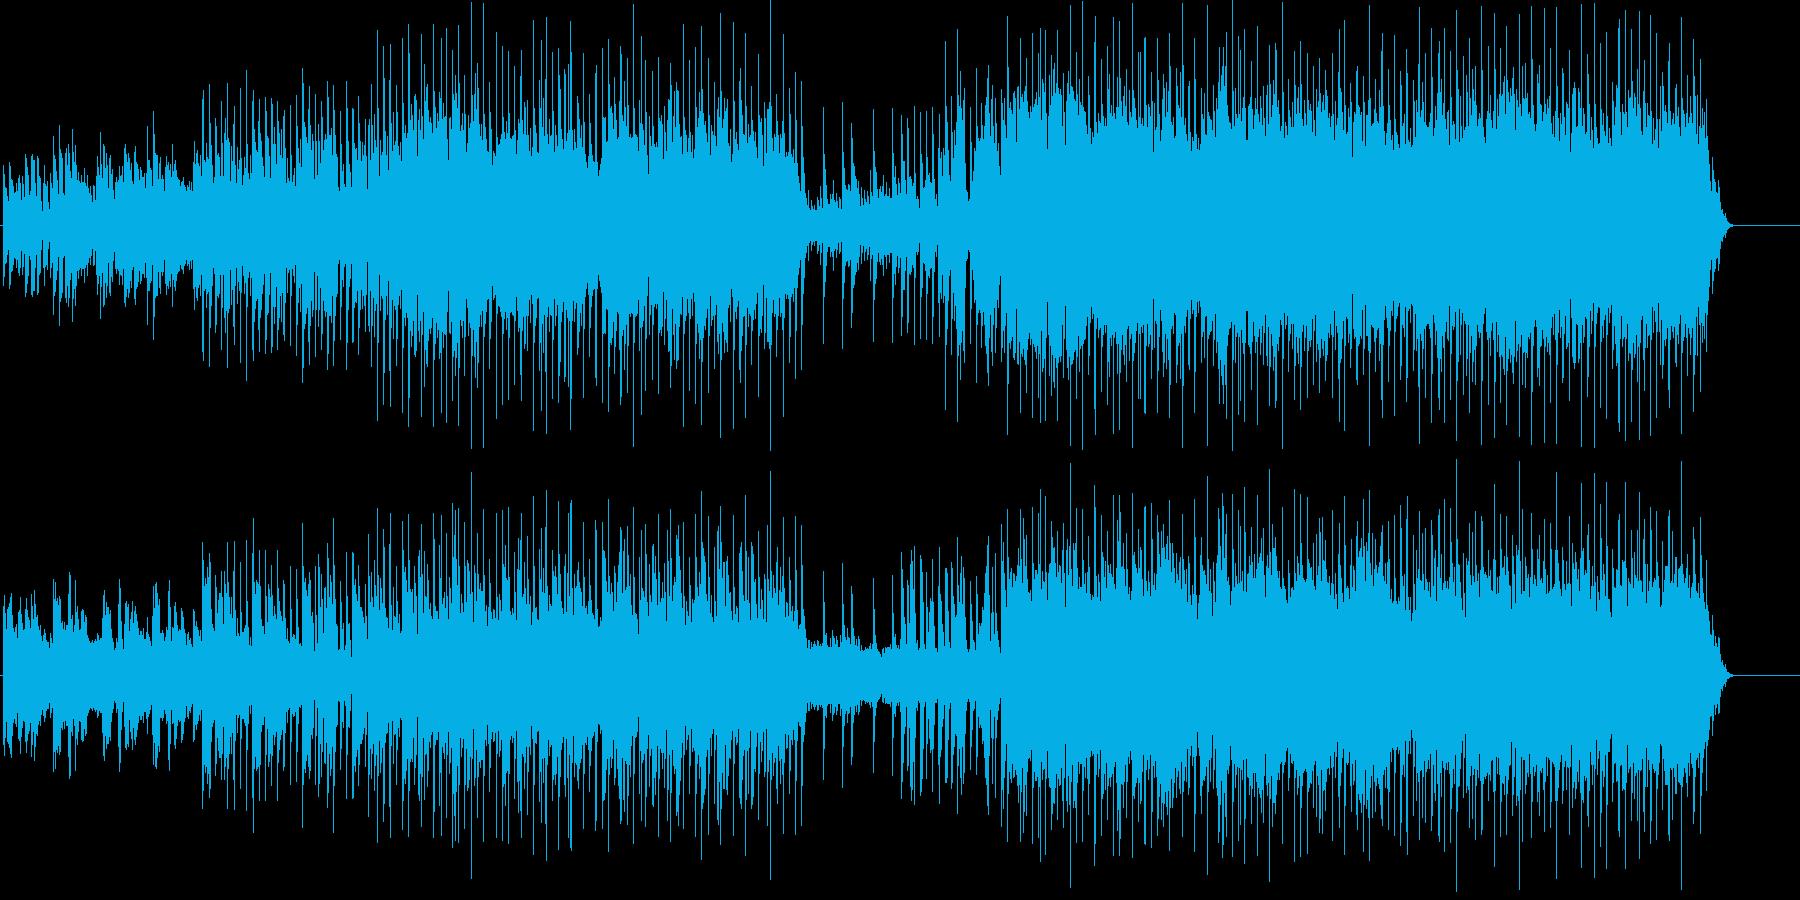 ファンタジーRPG等の草原をイメージし…の再生済みの波形